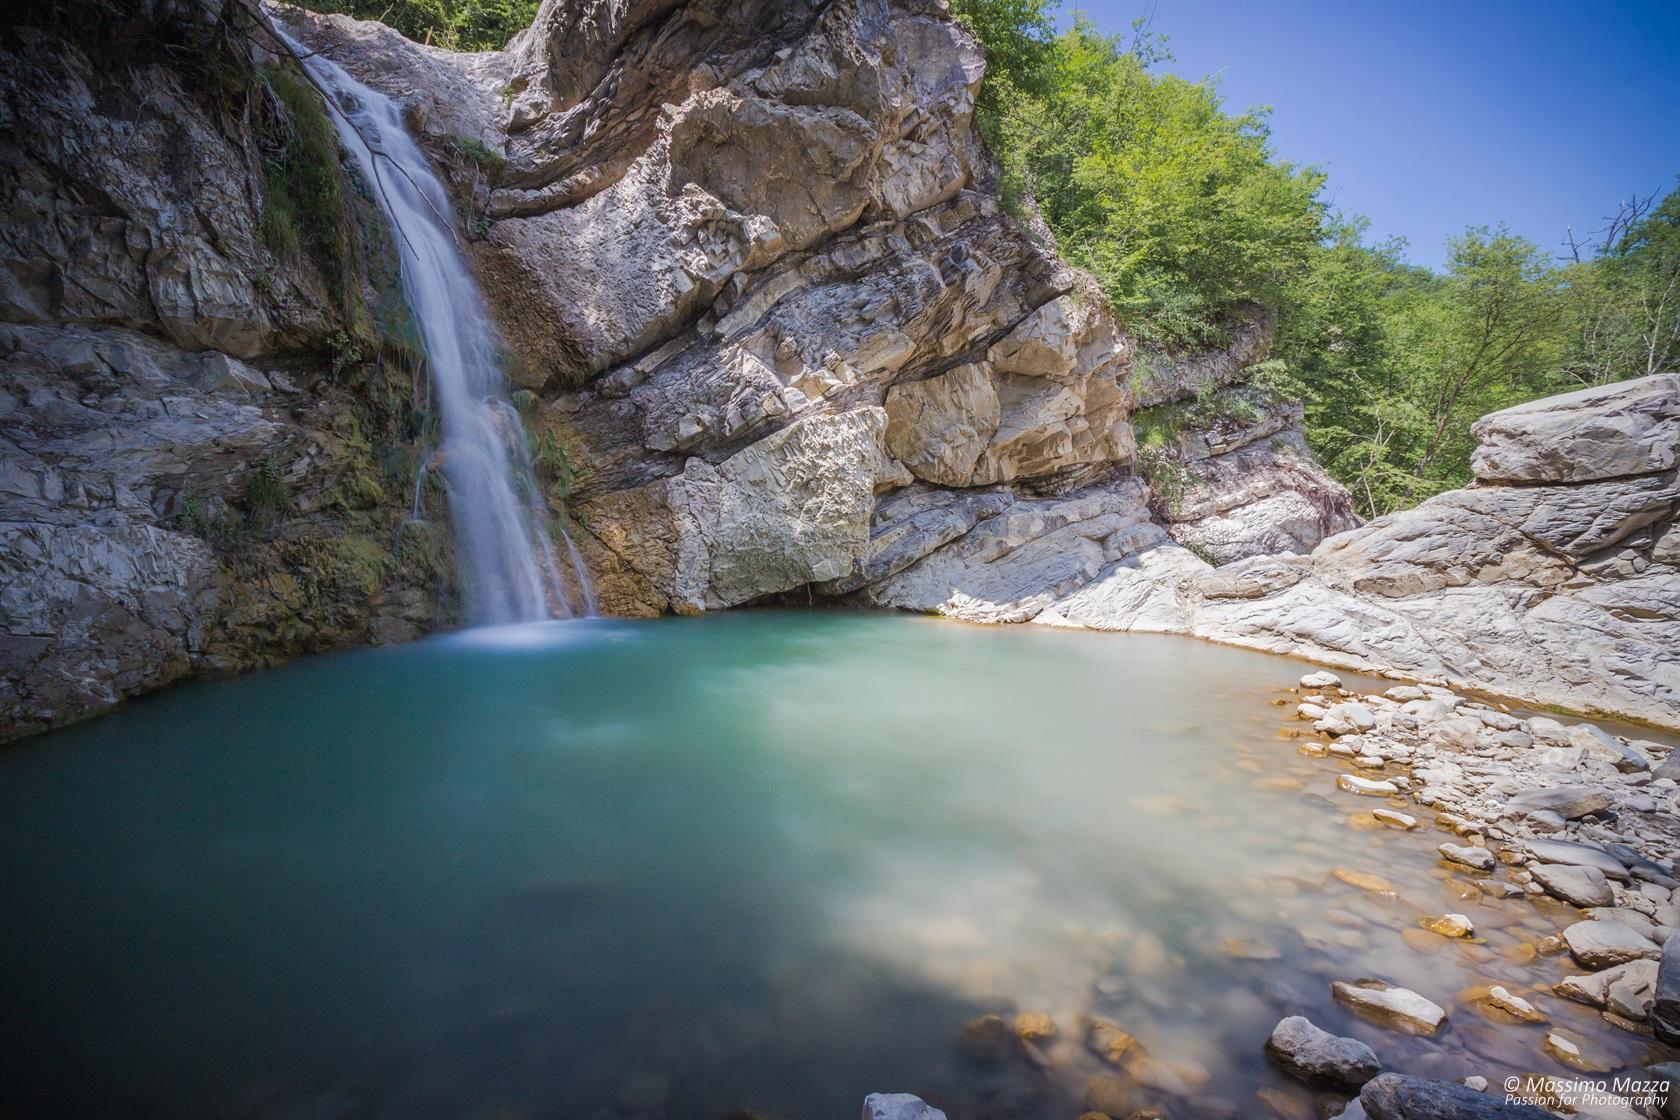 Le cascate del Perino, a 15 minuti di cammino dall'ecovillaggio